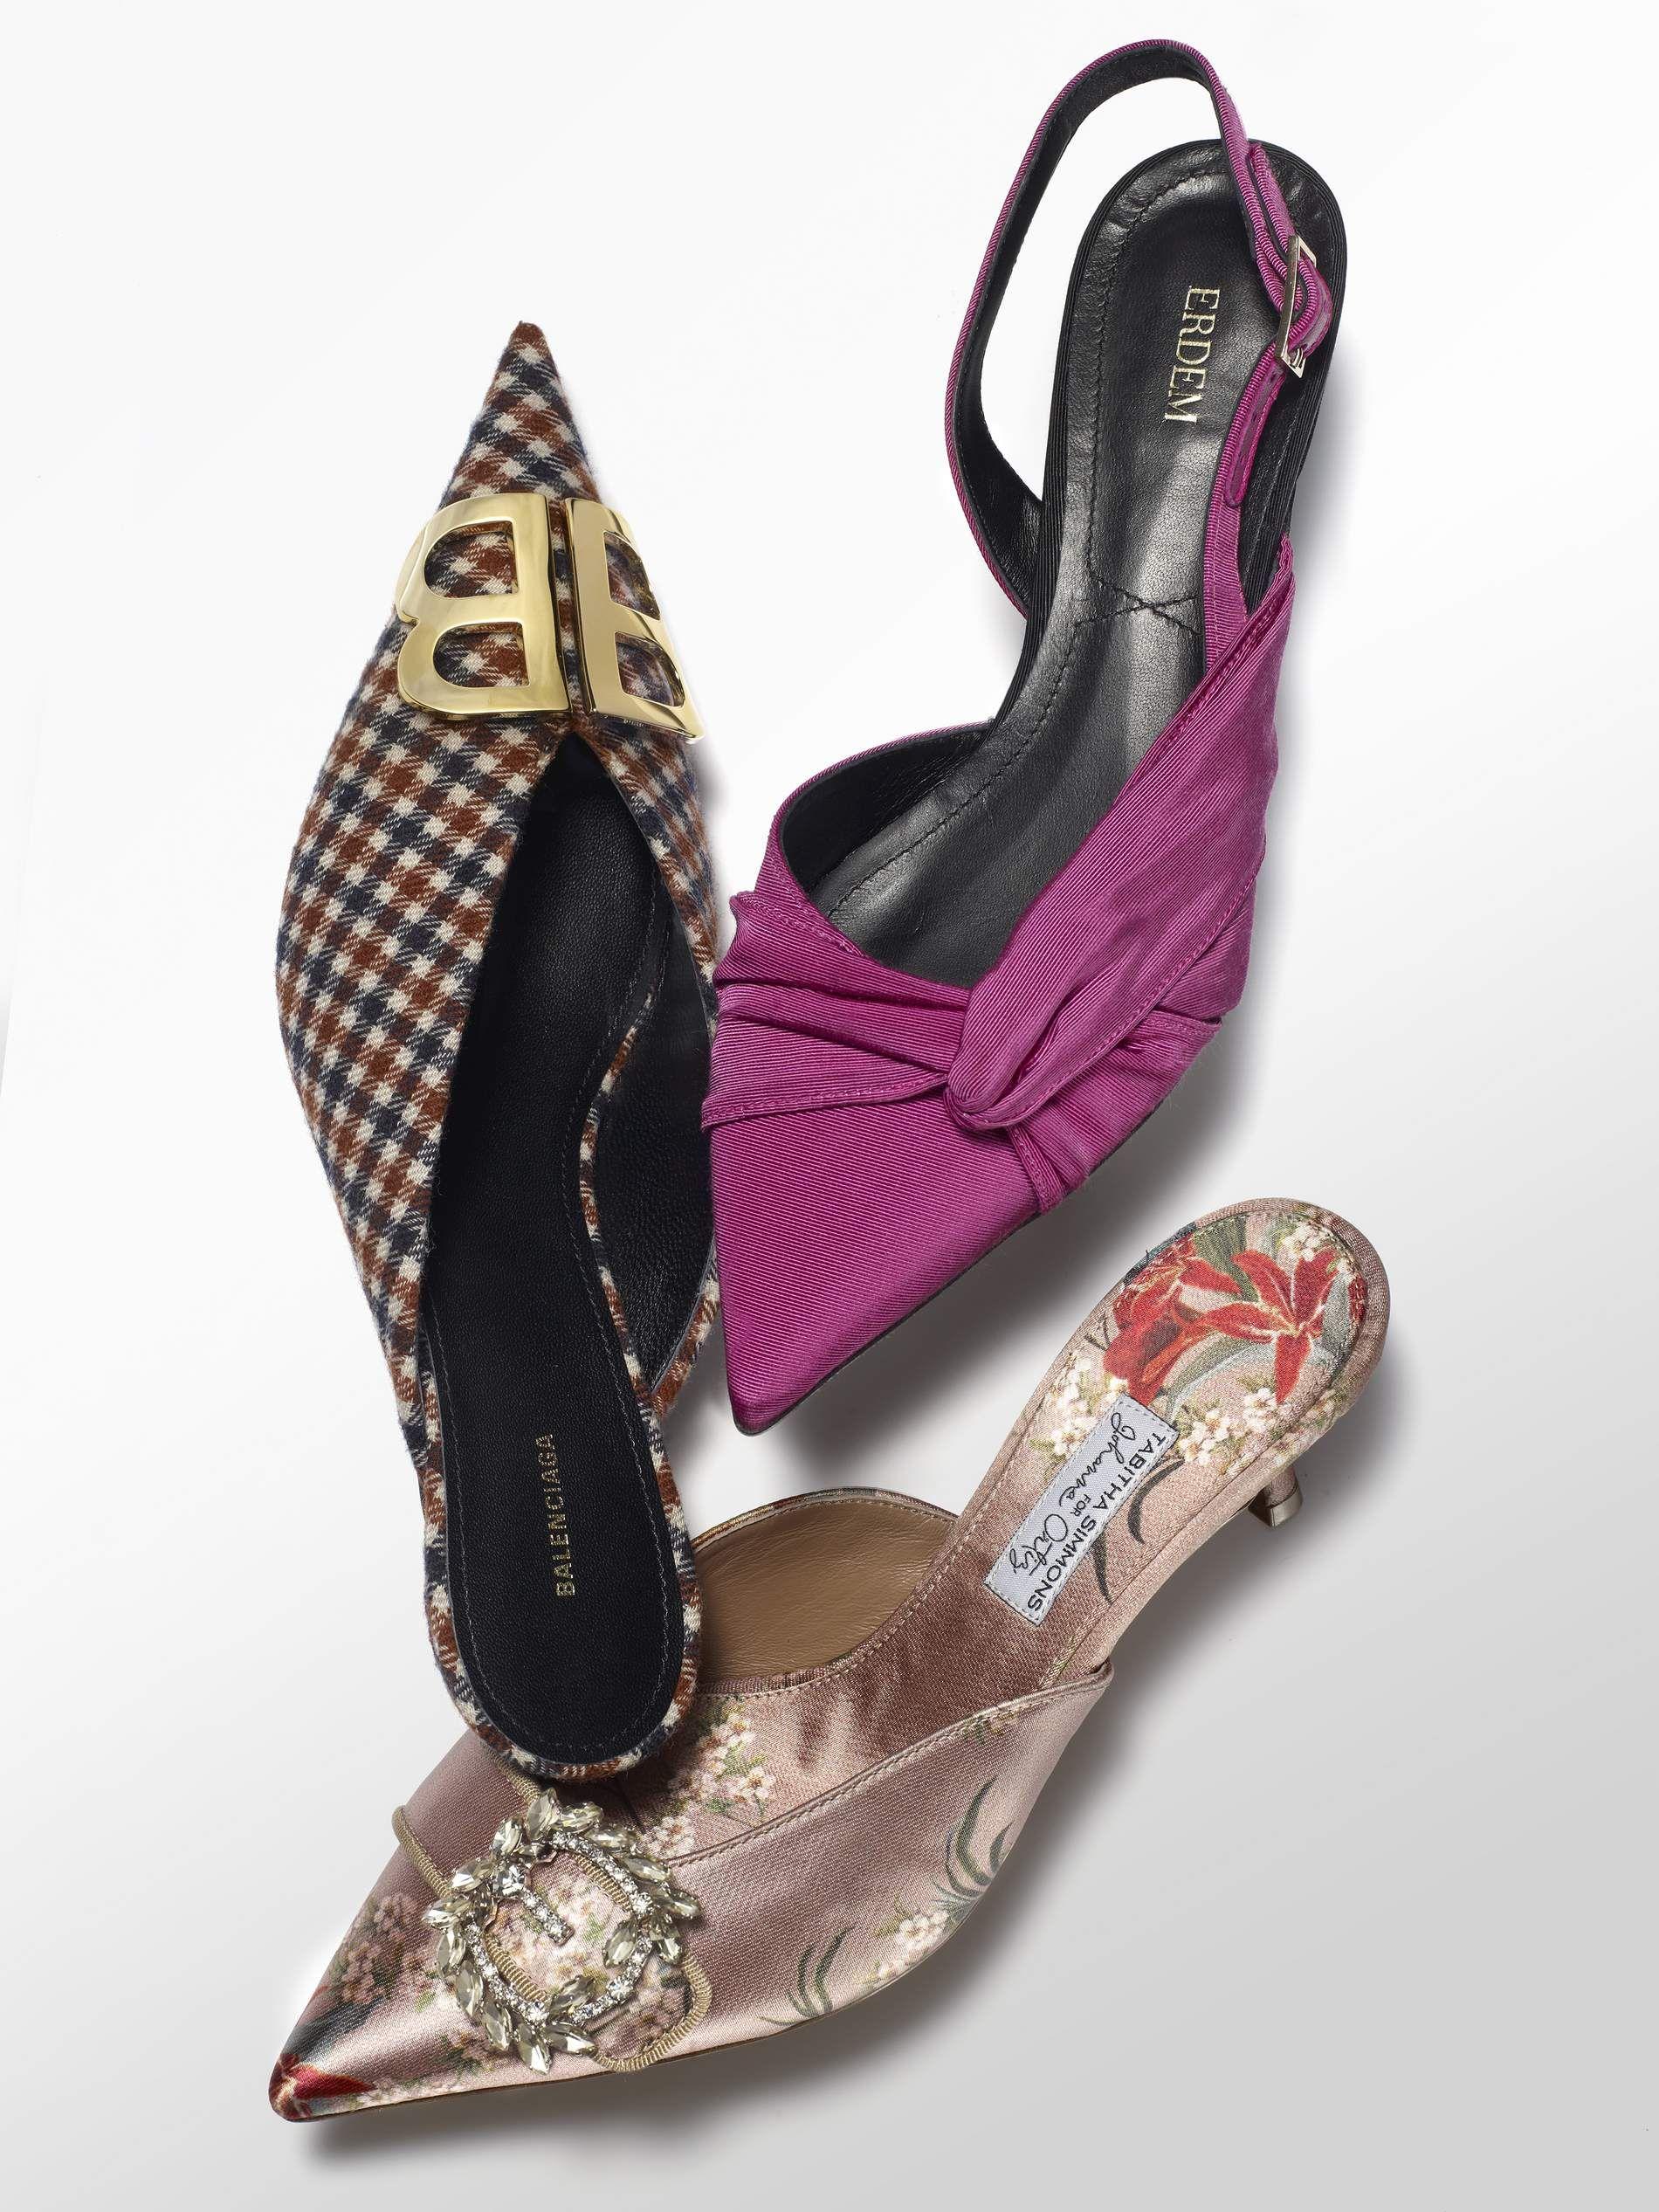 10 Of The Best New Season Kitten Heels We Love Heels Kitten Heel Shoes Fashion Heels